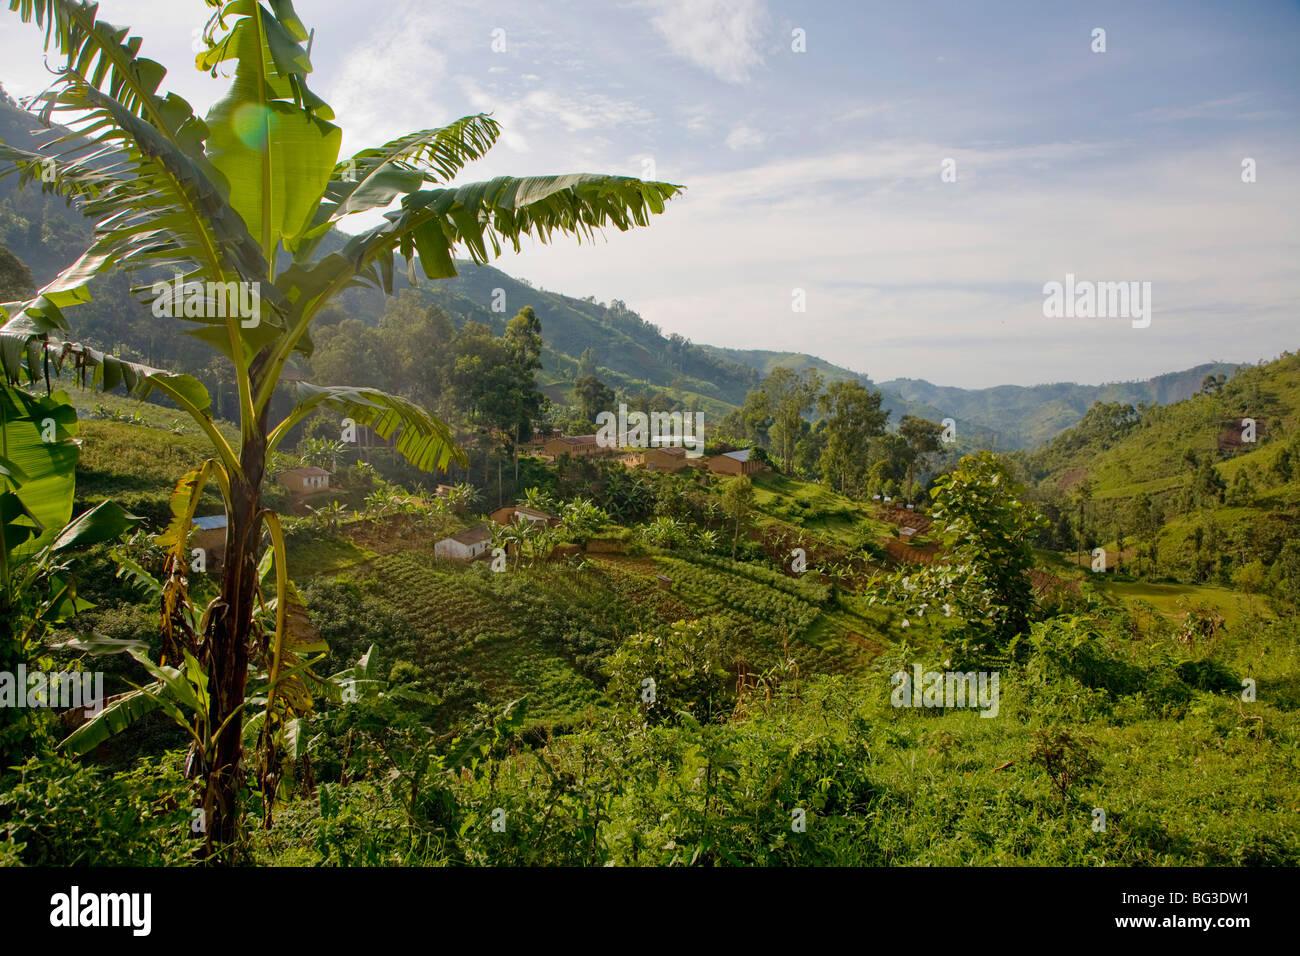 Village of Masango, Cibitoke Province, Burundi, Africa - Stock Image